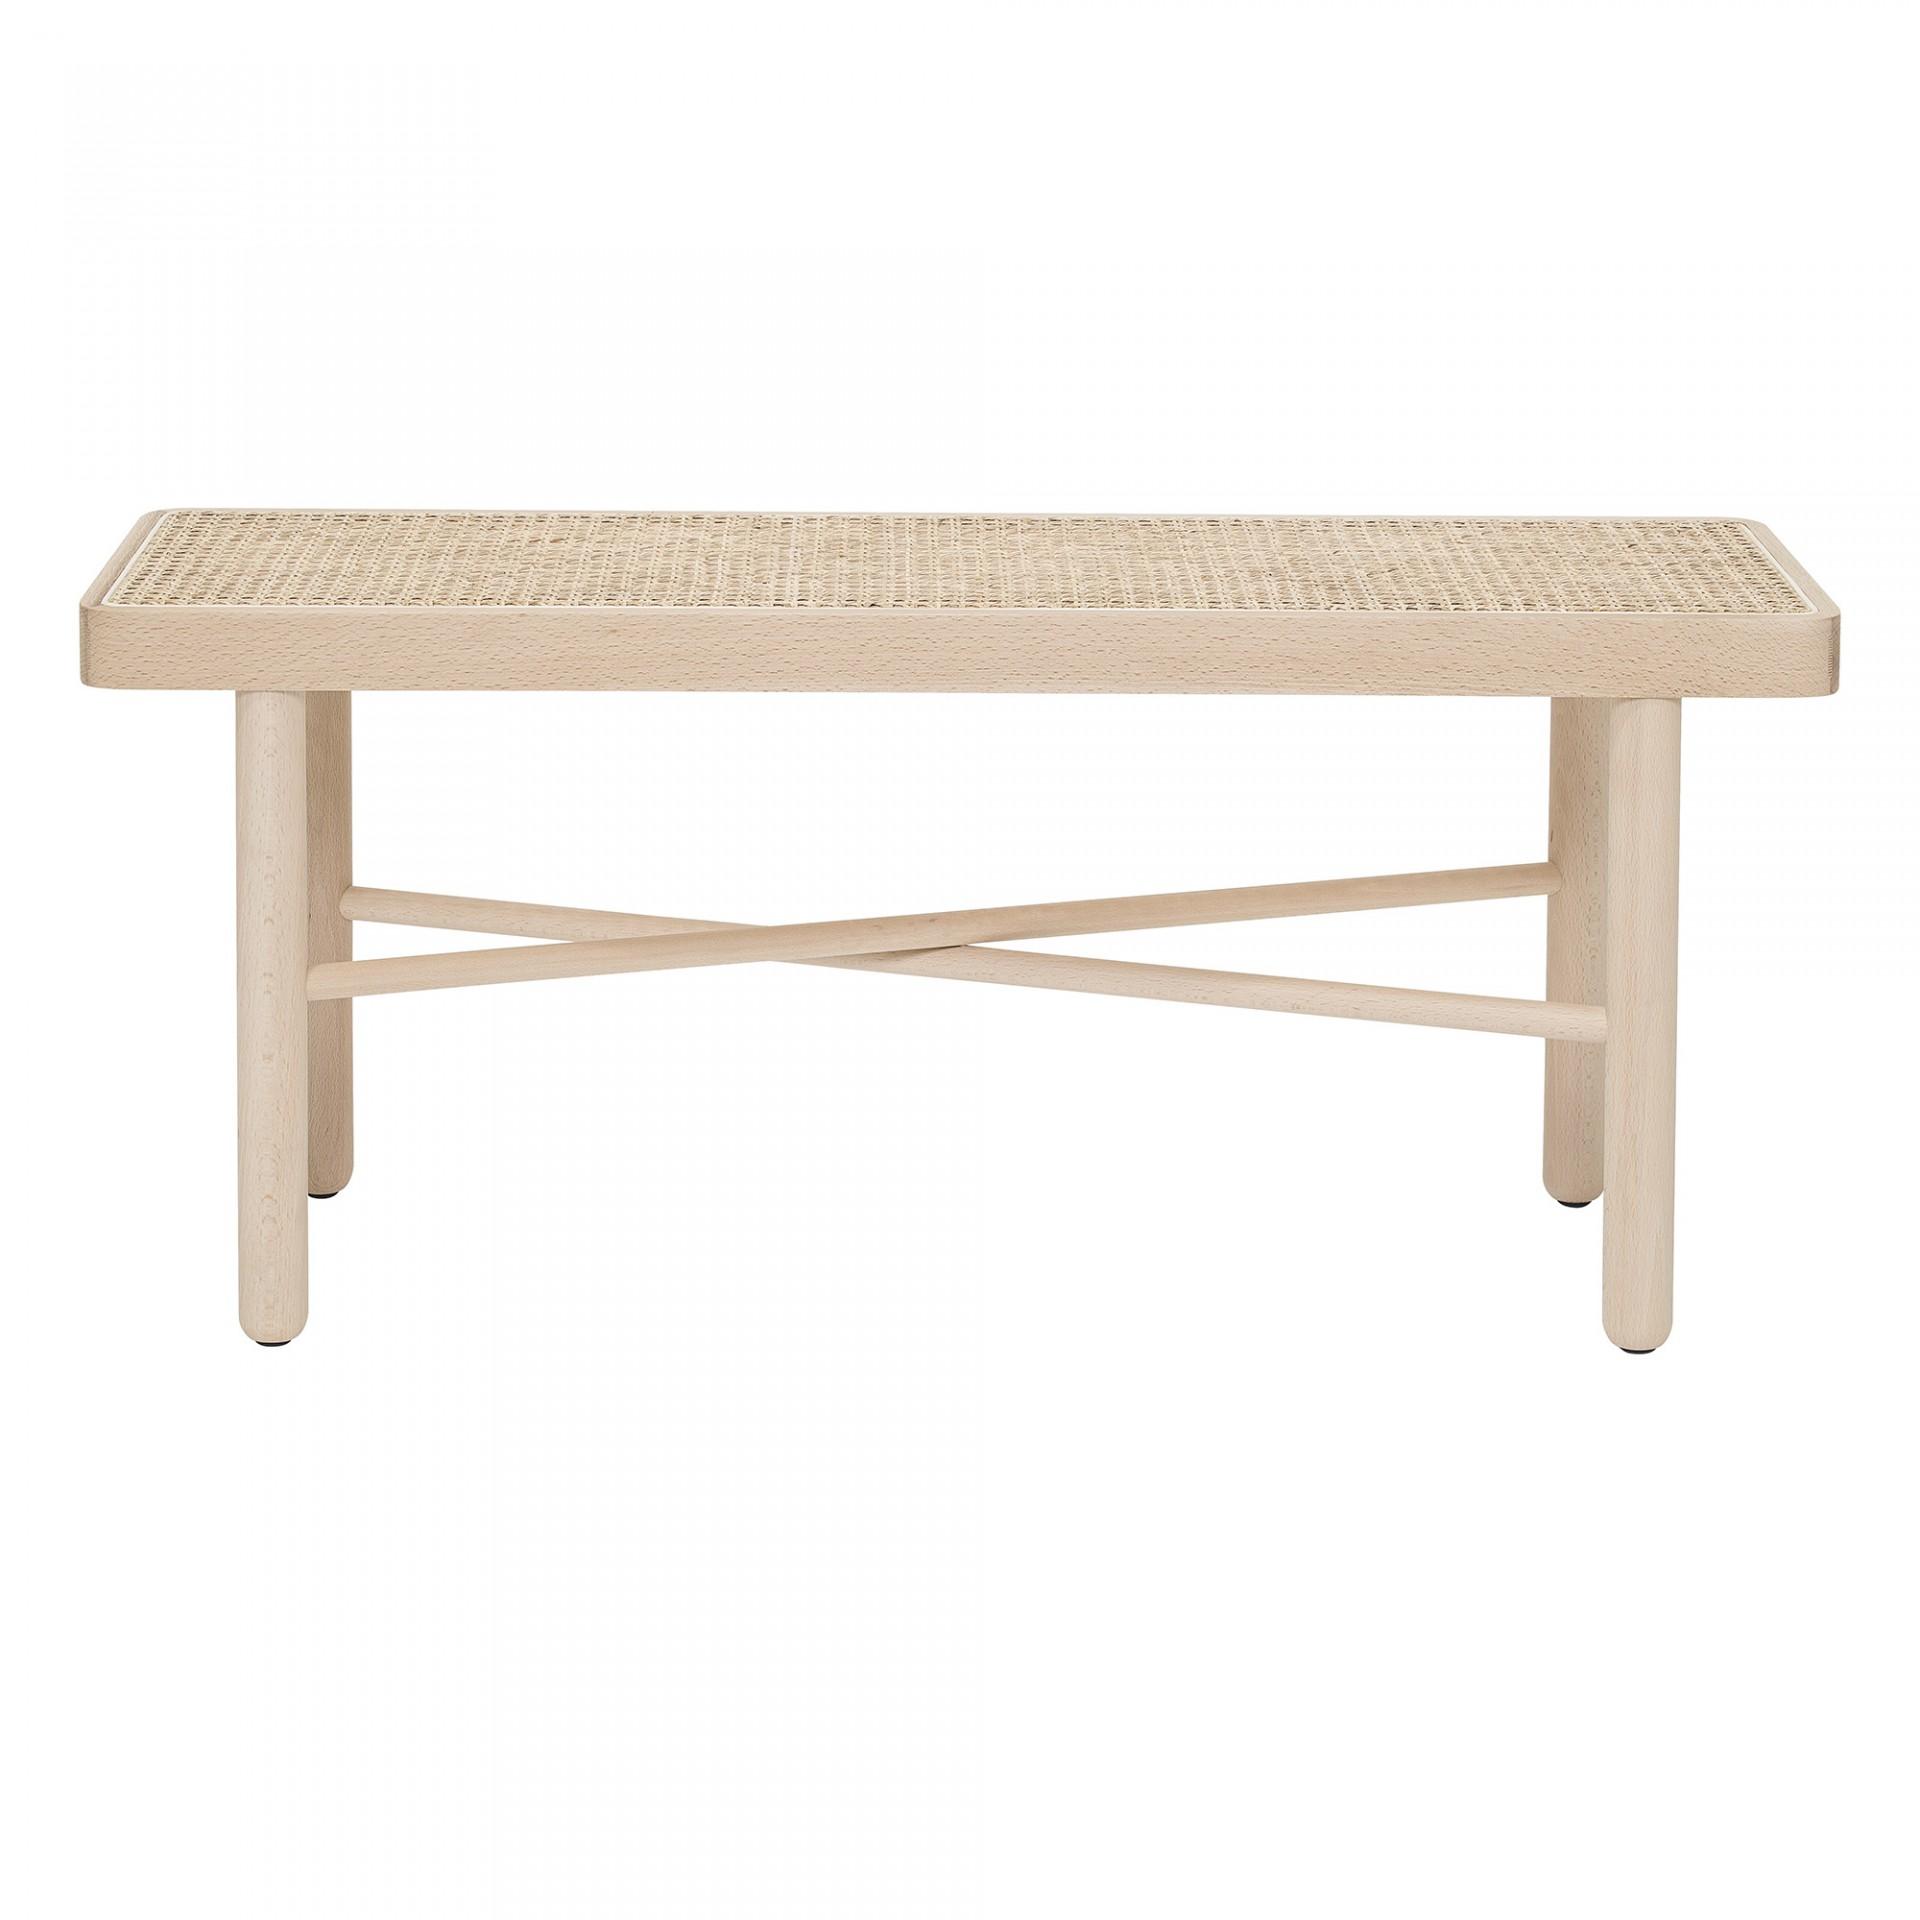 Mesa de apoio Luna, madeira faia/vime natural, 100x30 cm